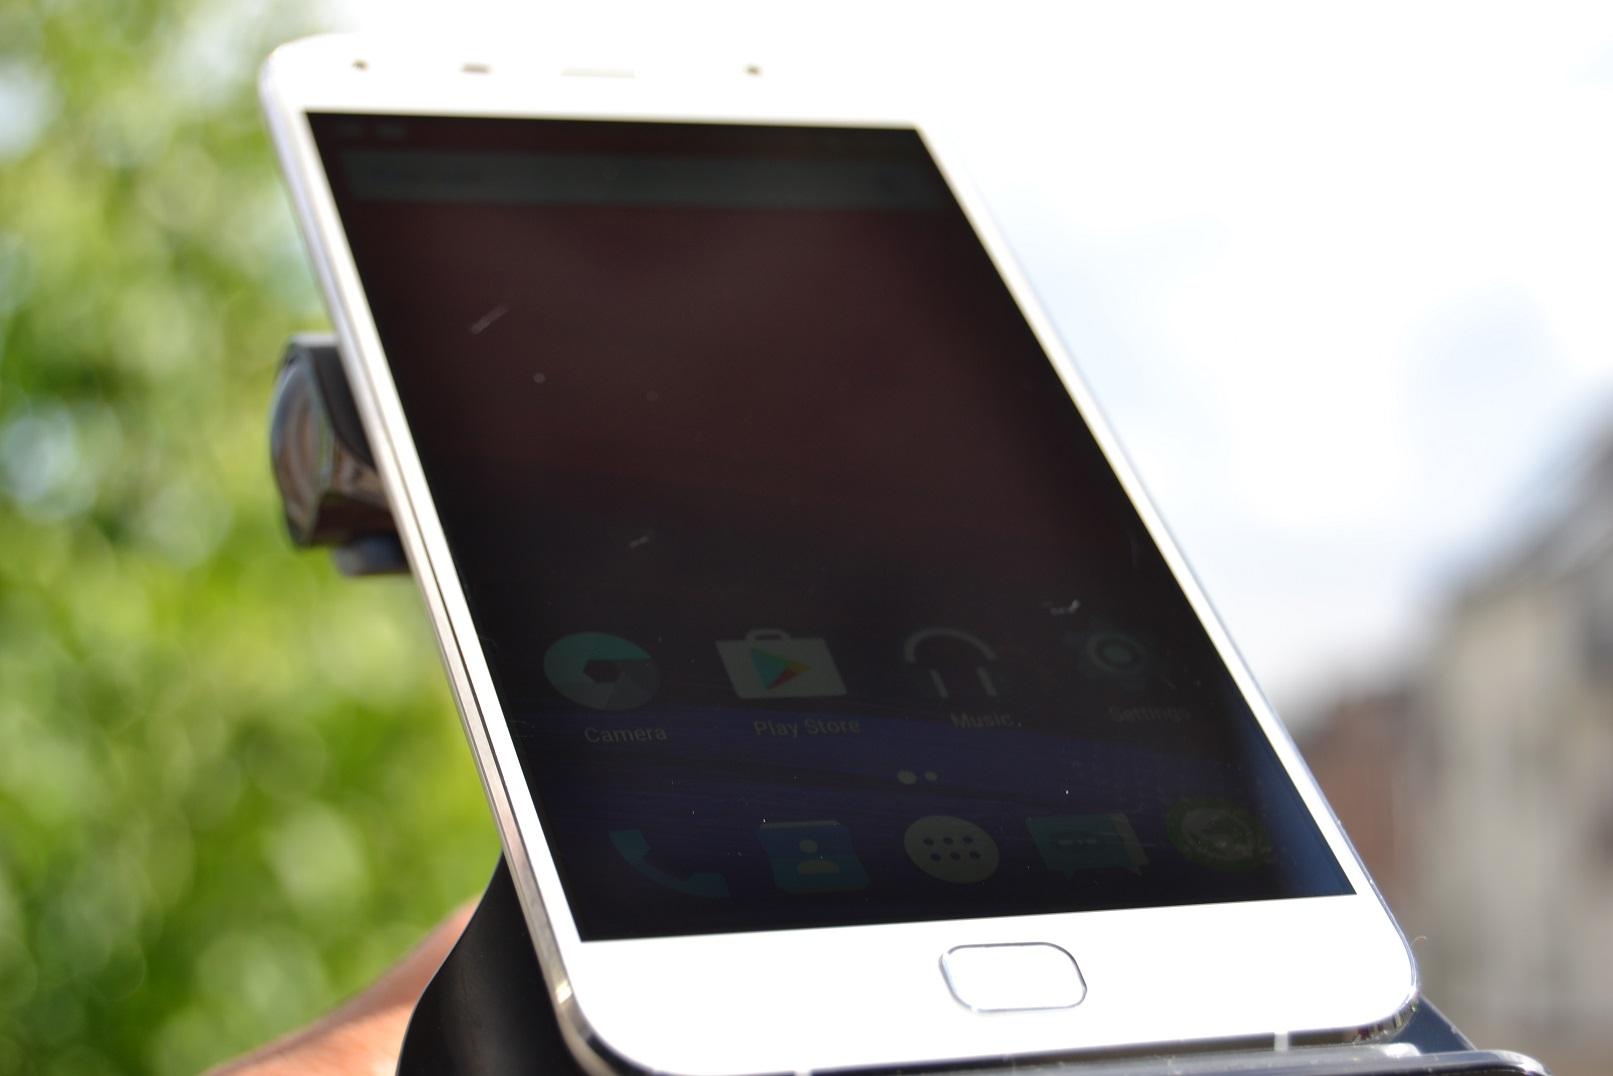 DSC_0414 REVIEW display UMi Touch si comparat cu UMi Super, tot partea de display